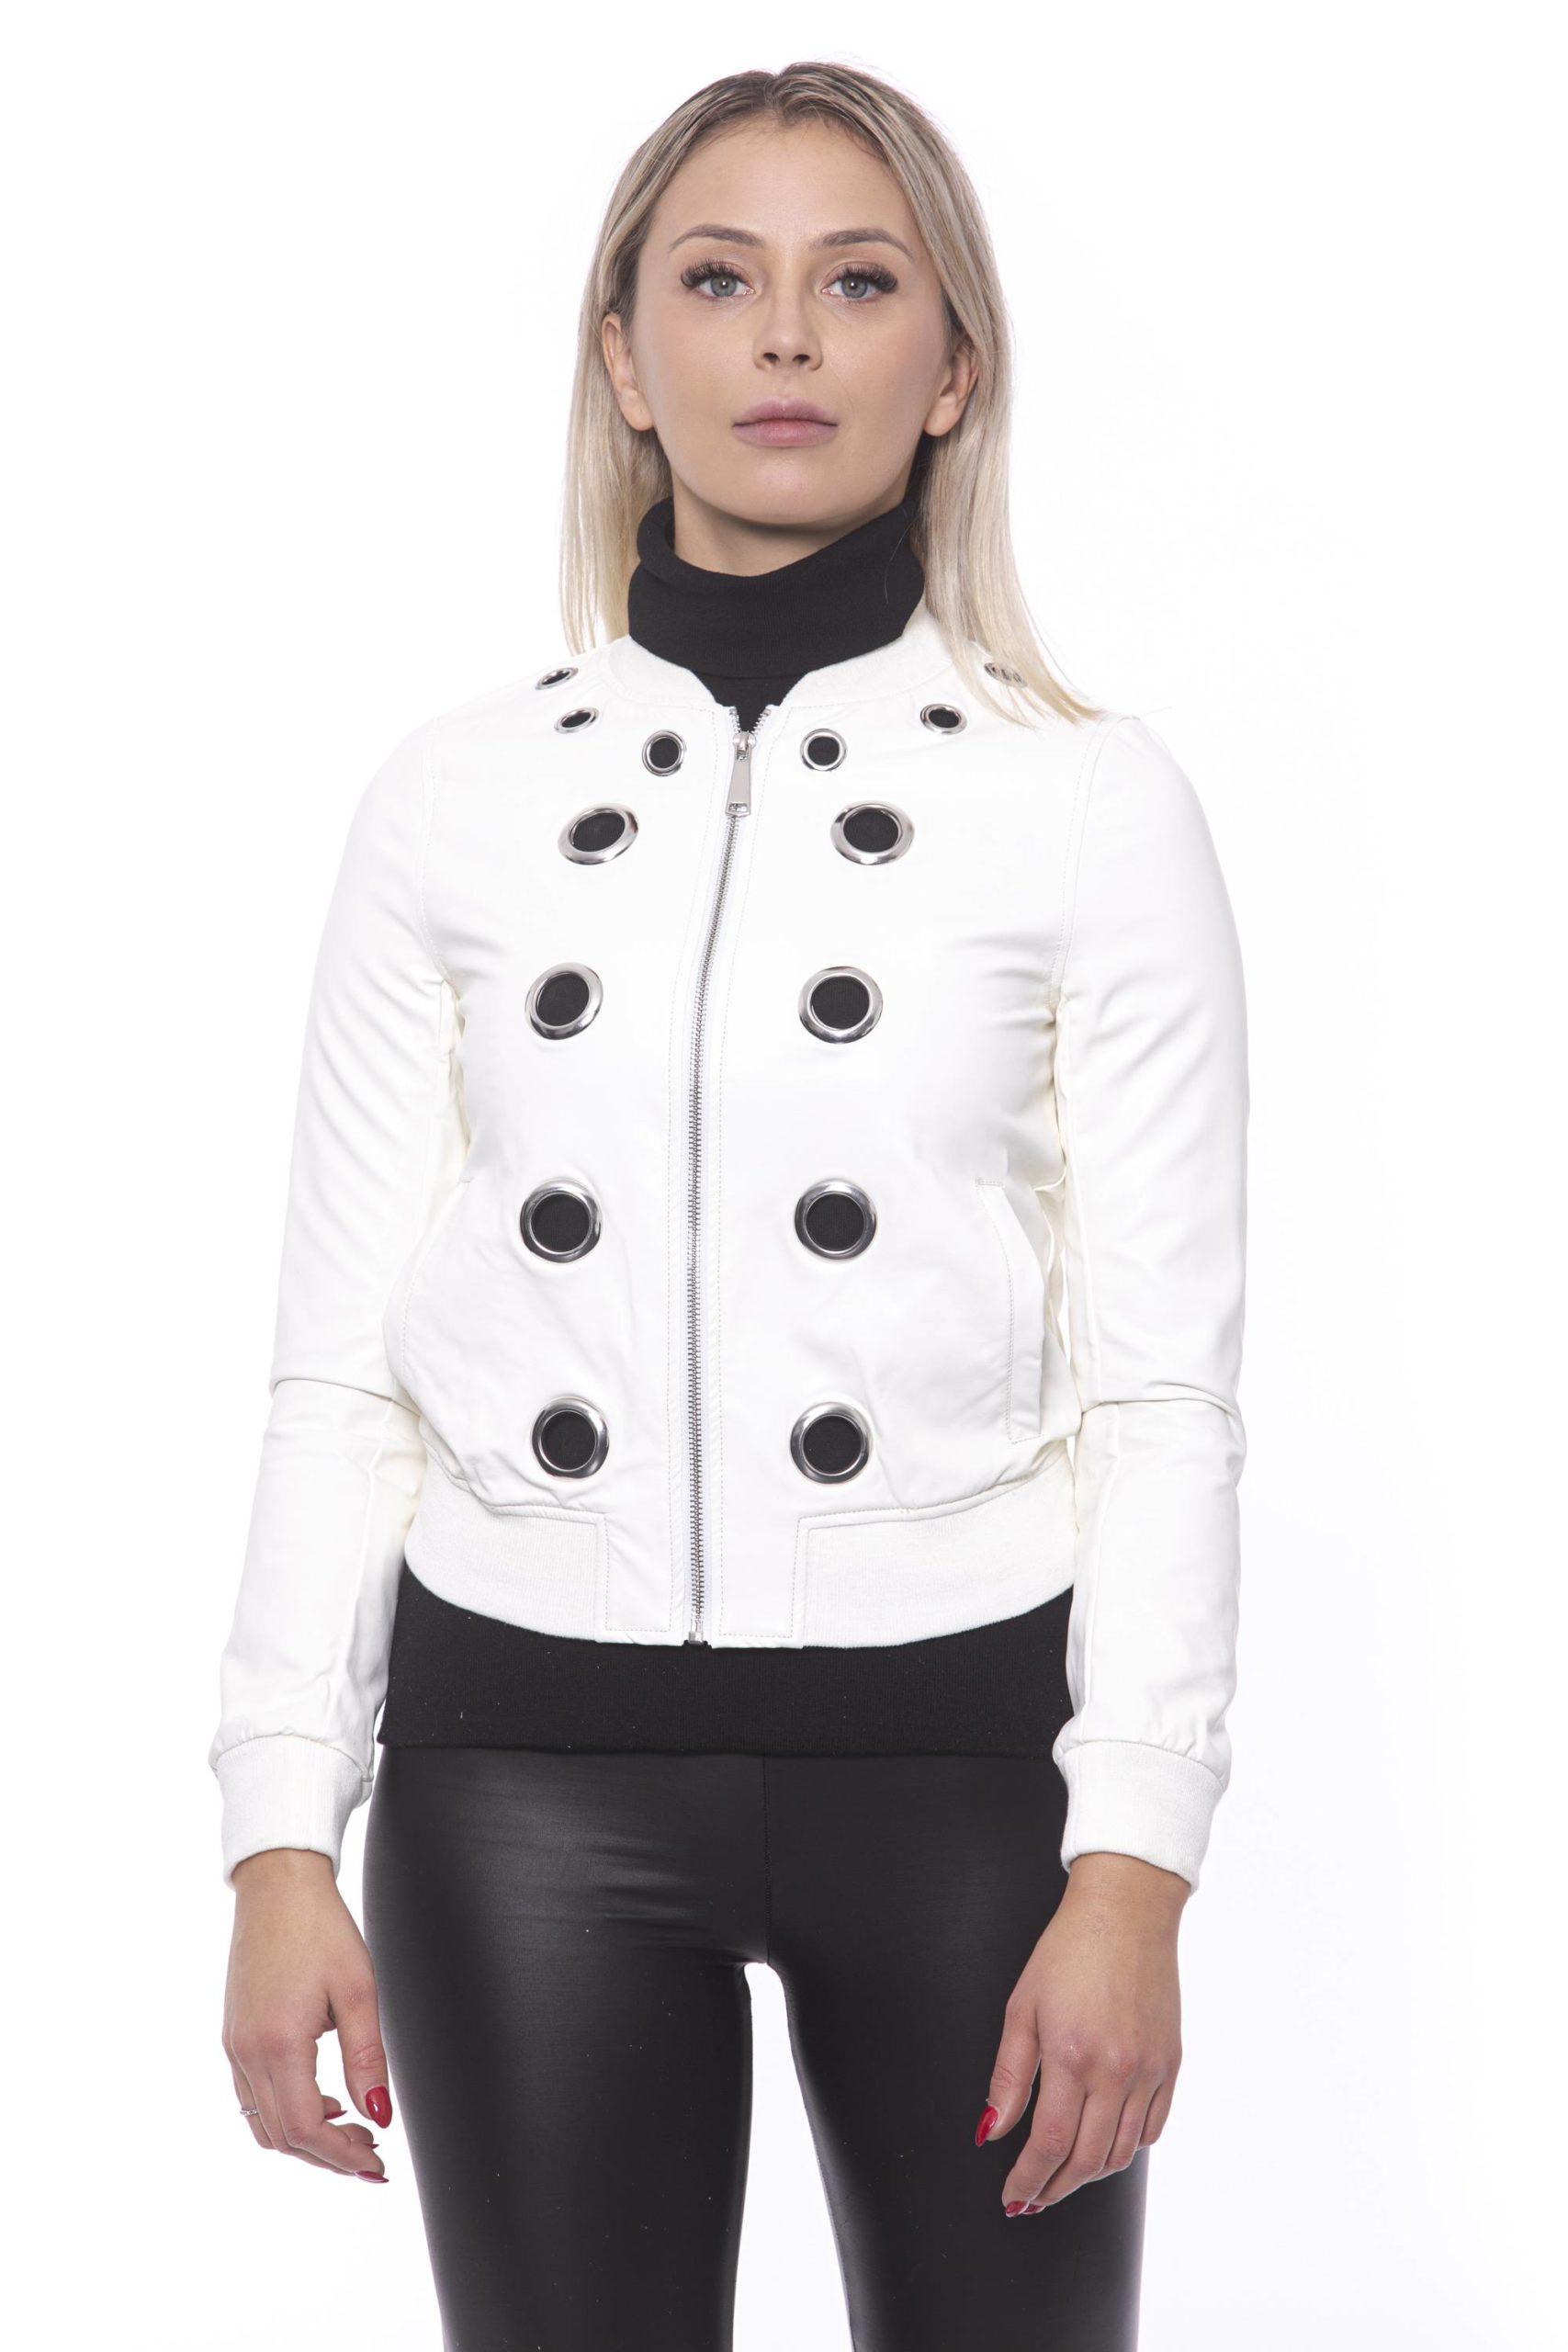 19V69 Italia Women's Bianco Jacket White 191388406 - IT42 | S